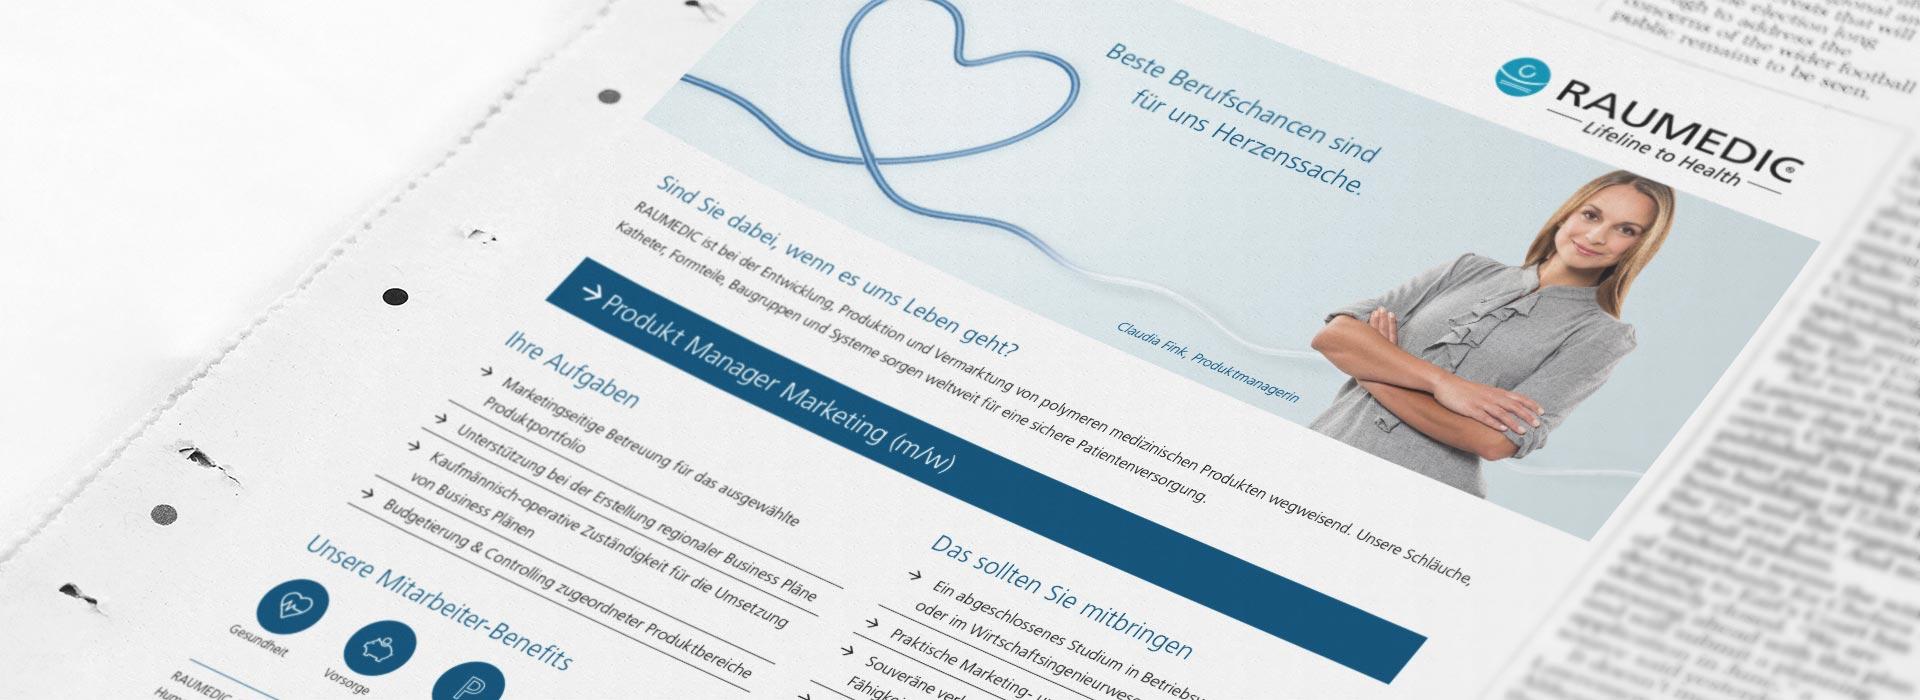 OPUS Marketing / Leistungen / Raumedic / Employer Branding / Stellenanzeige